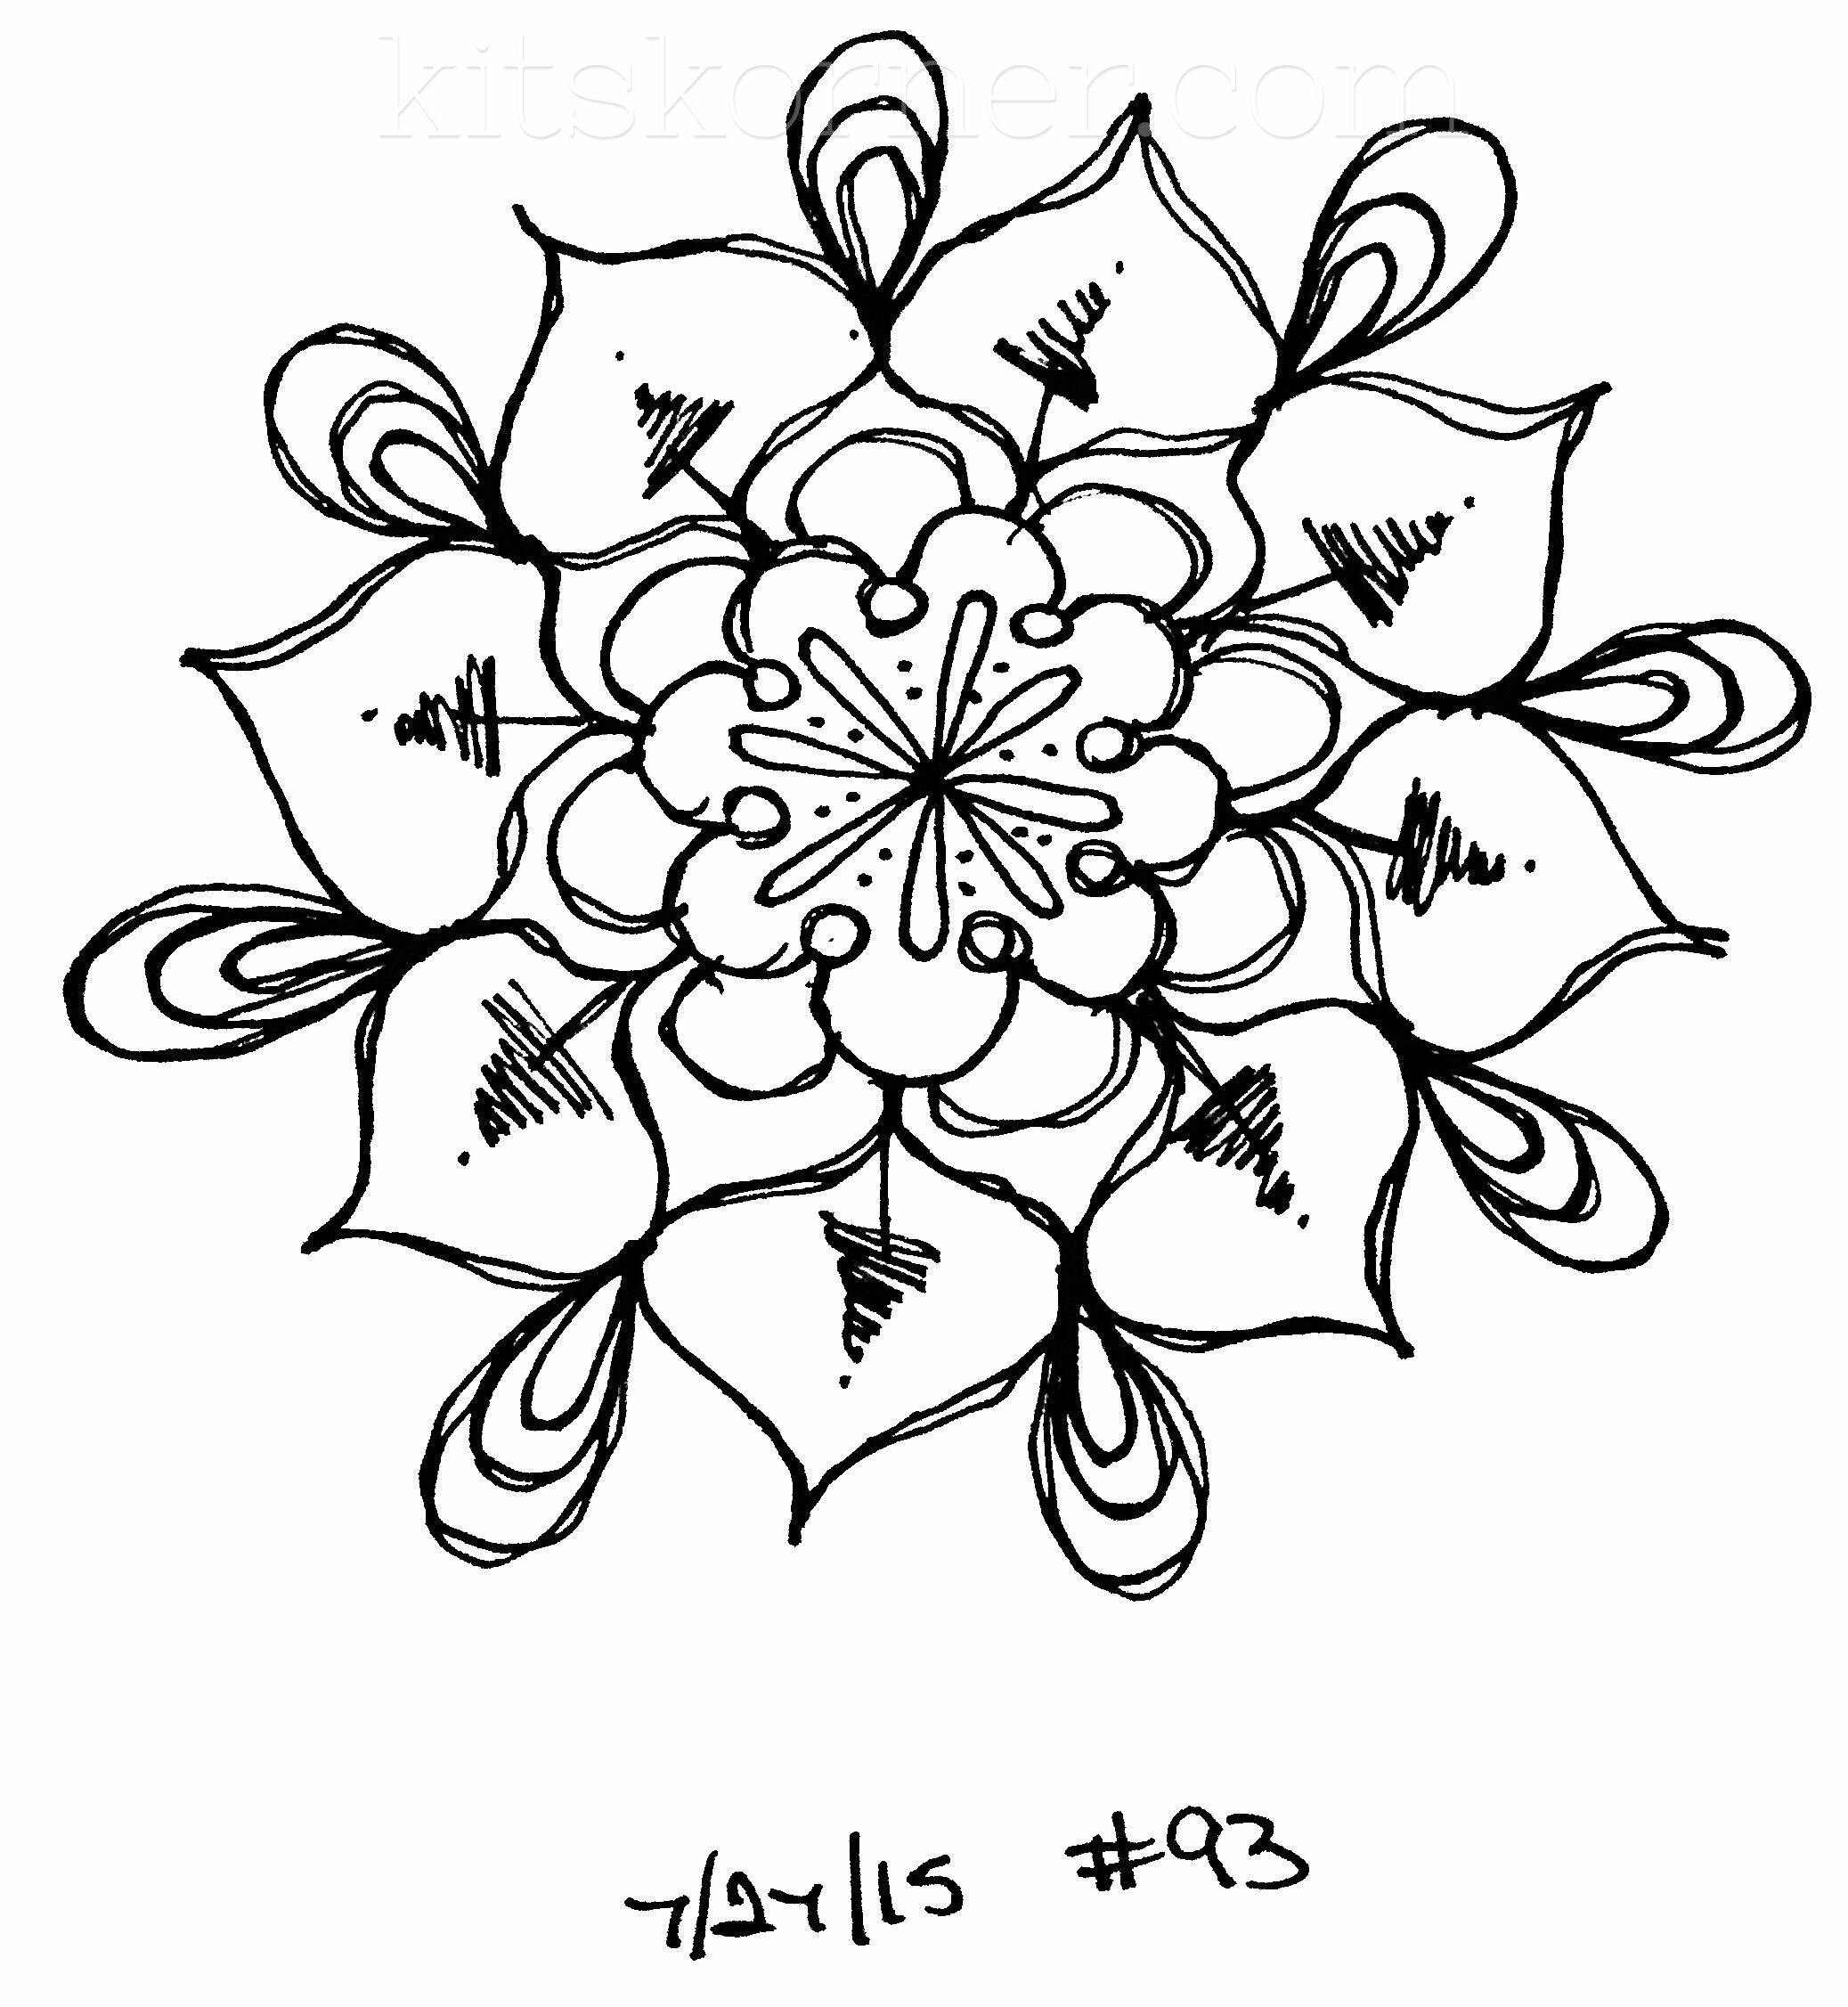 Sketchbook : 100 Mandalas Challenge Week 15